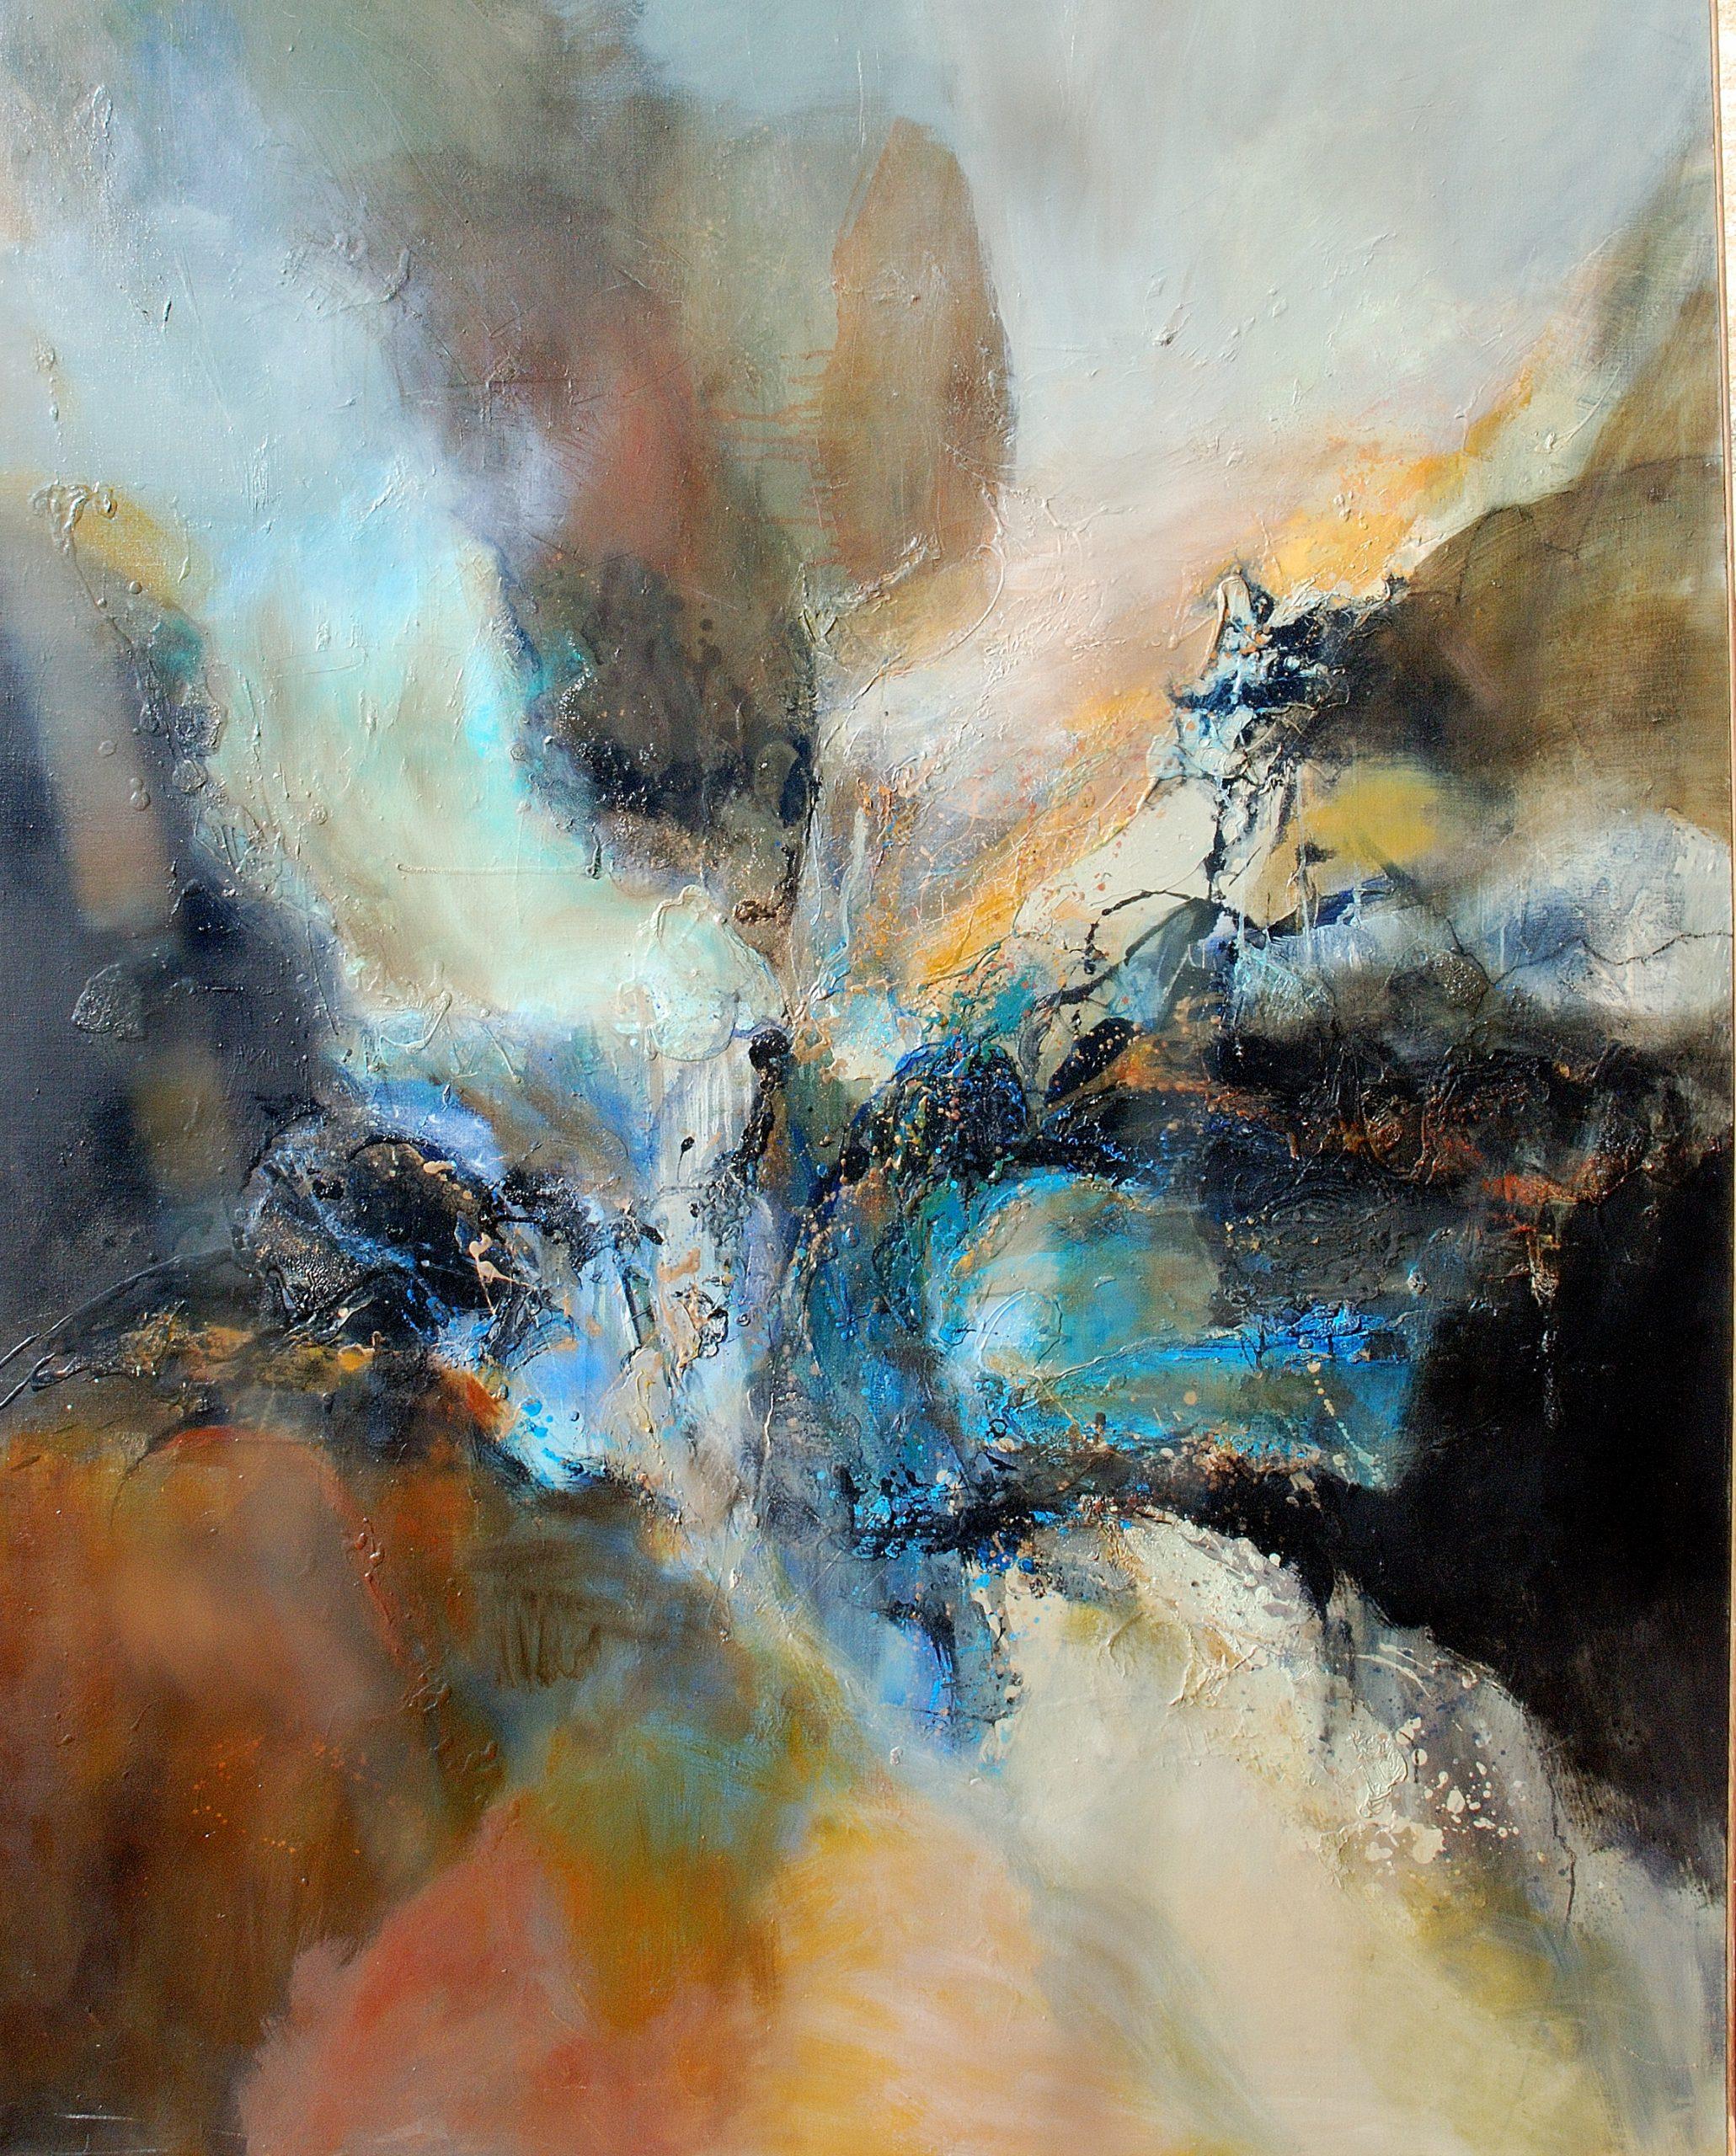 sans titre huile sur toile  162x130 cm